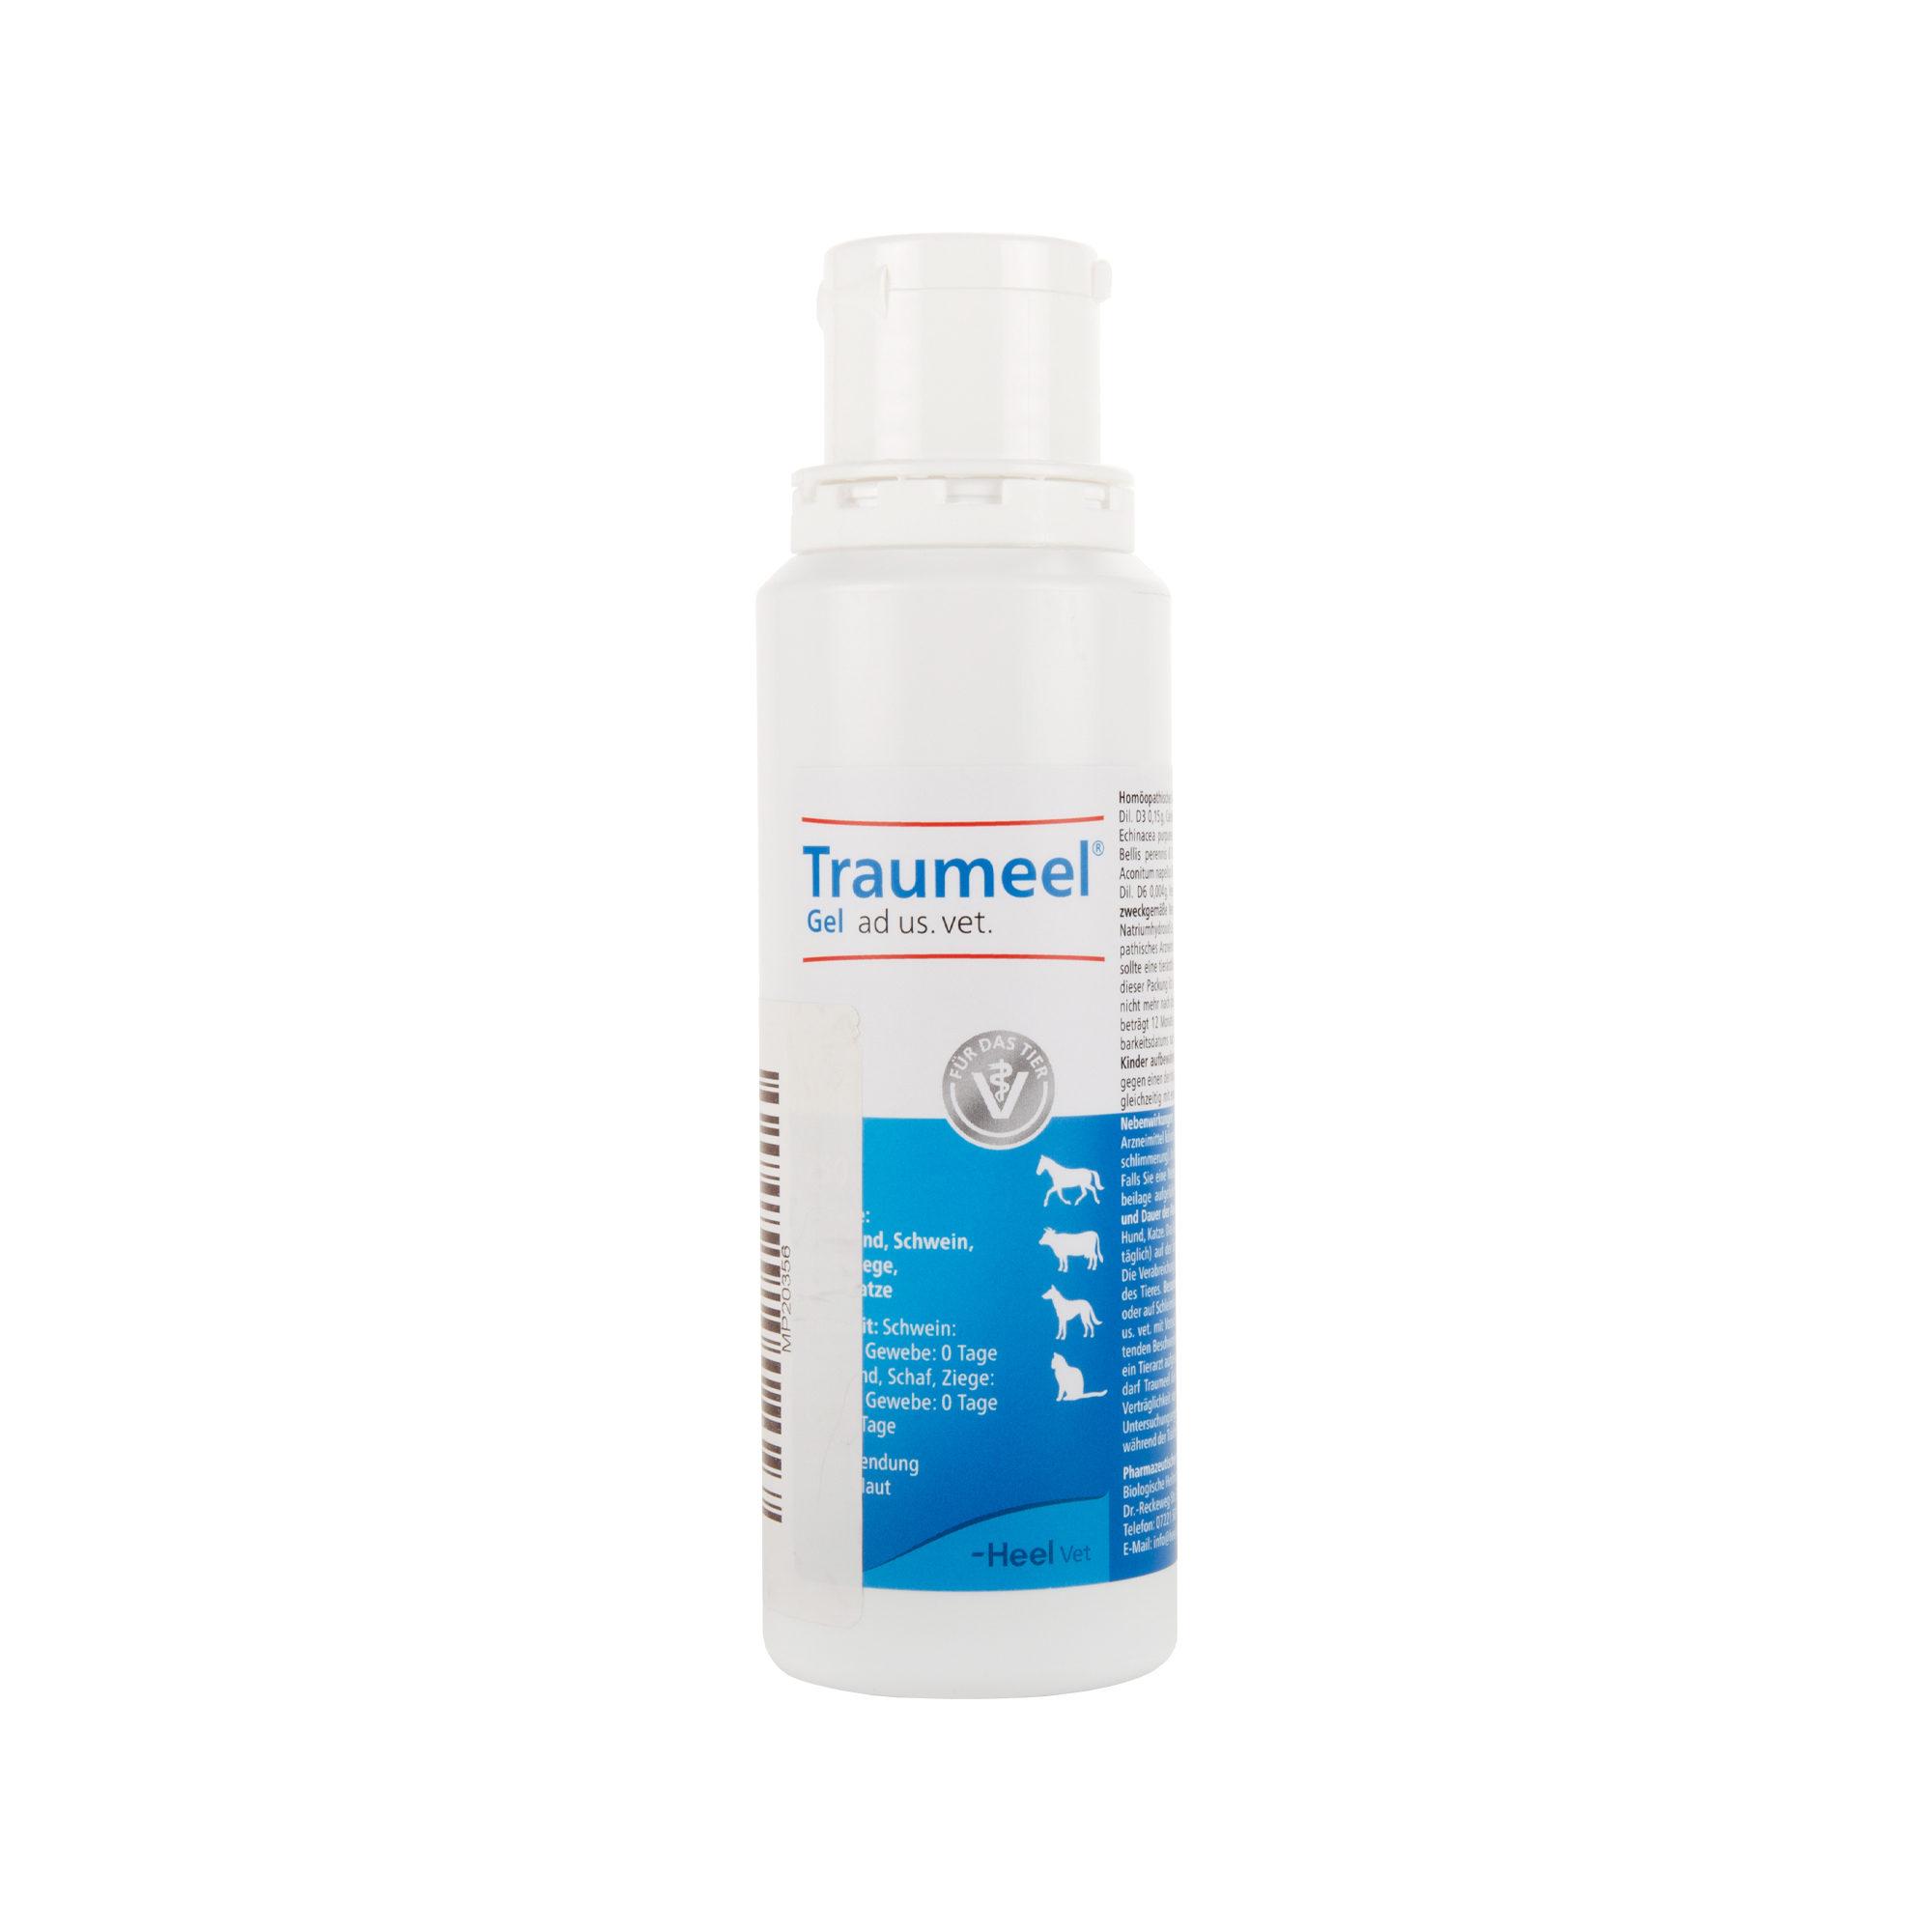 Traumeel Gel - 250 g